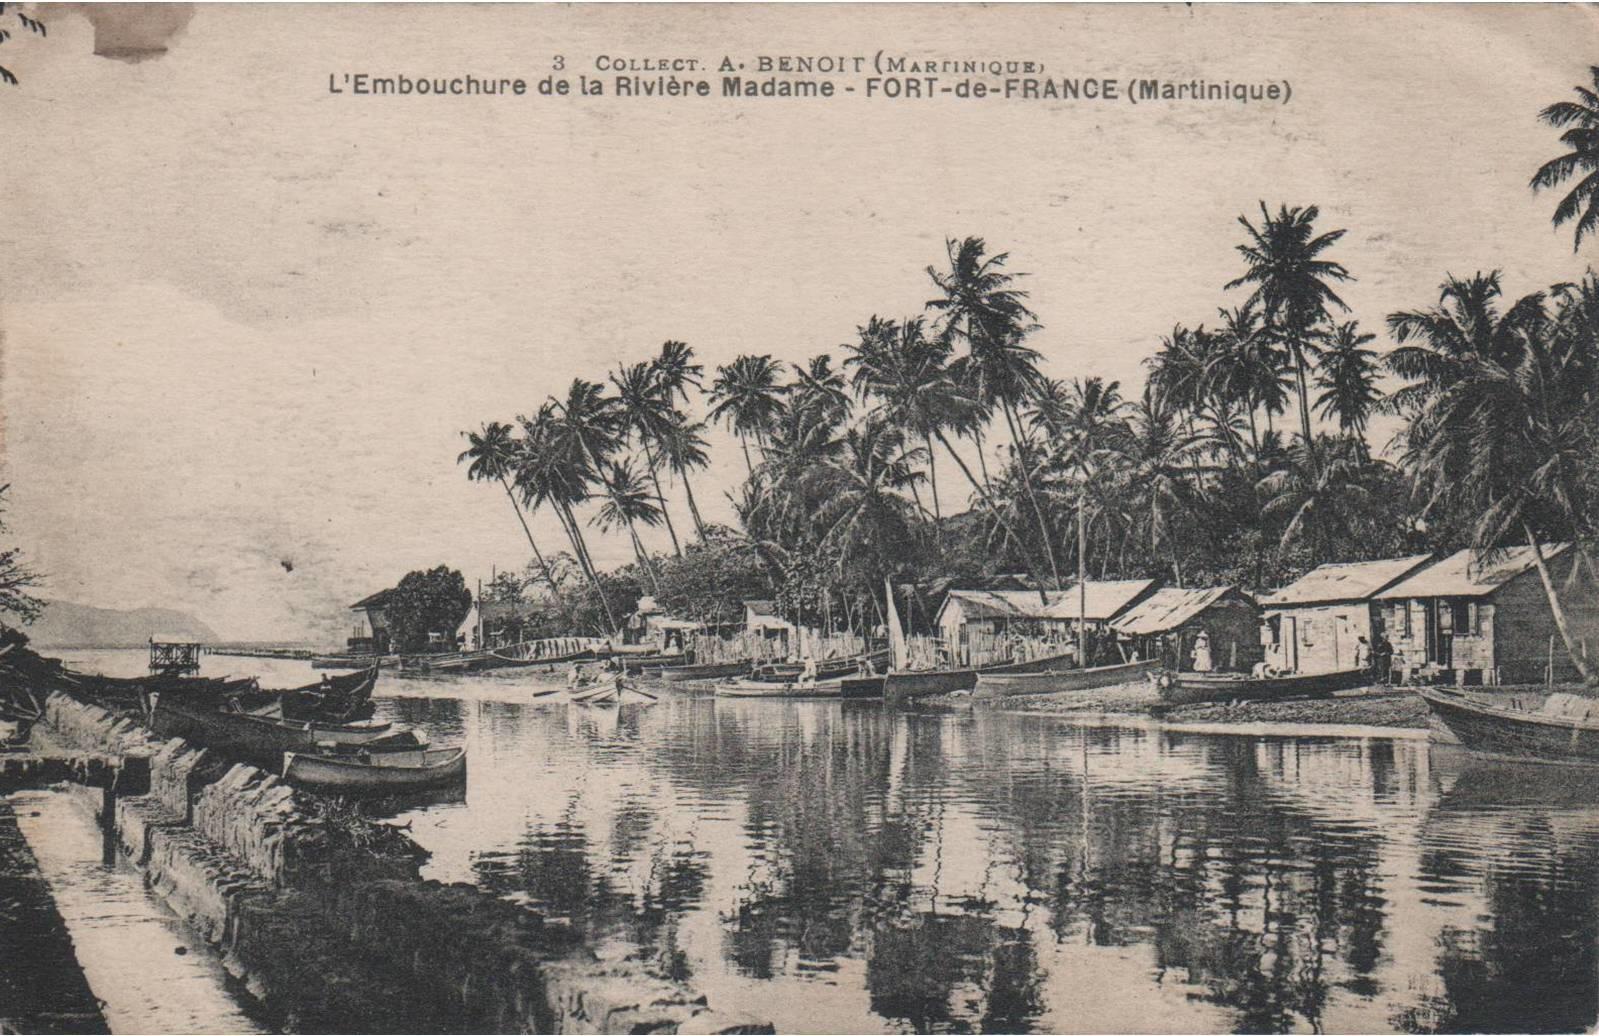 Fort de France - MARTINIQUE - L'embouchure de la Rivière Madame - Fort de France